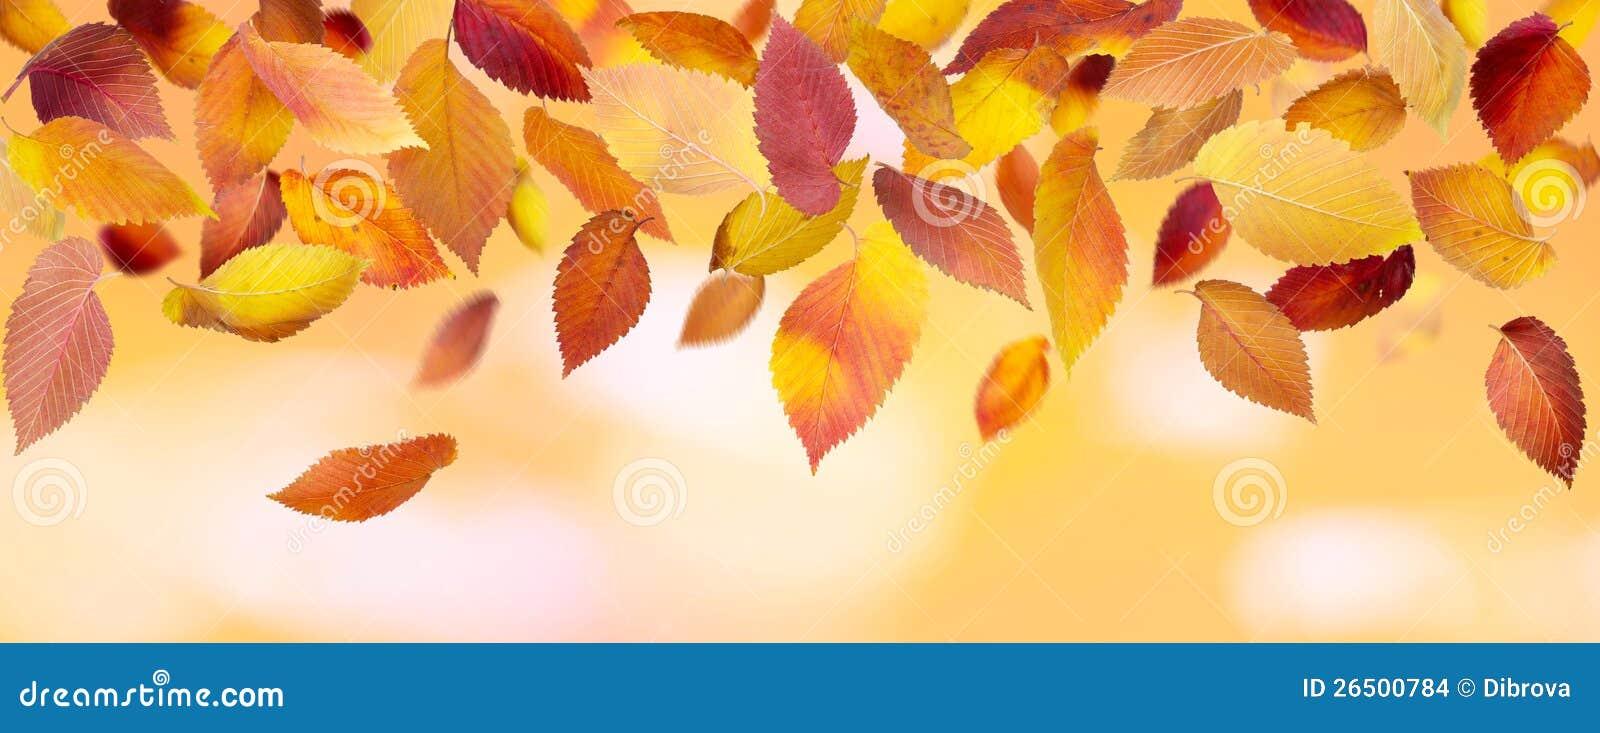 Folhas de outono panorâmicos